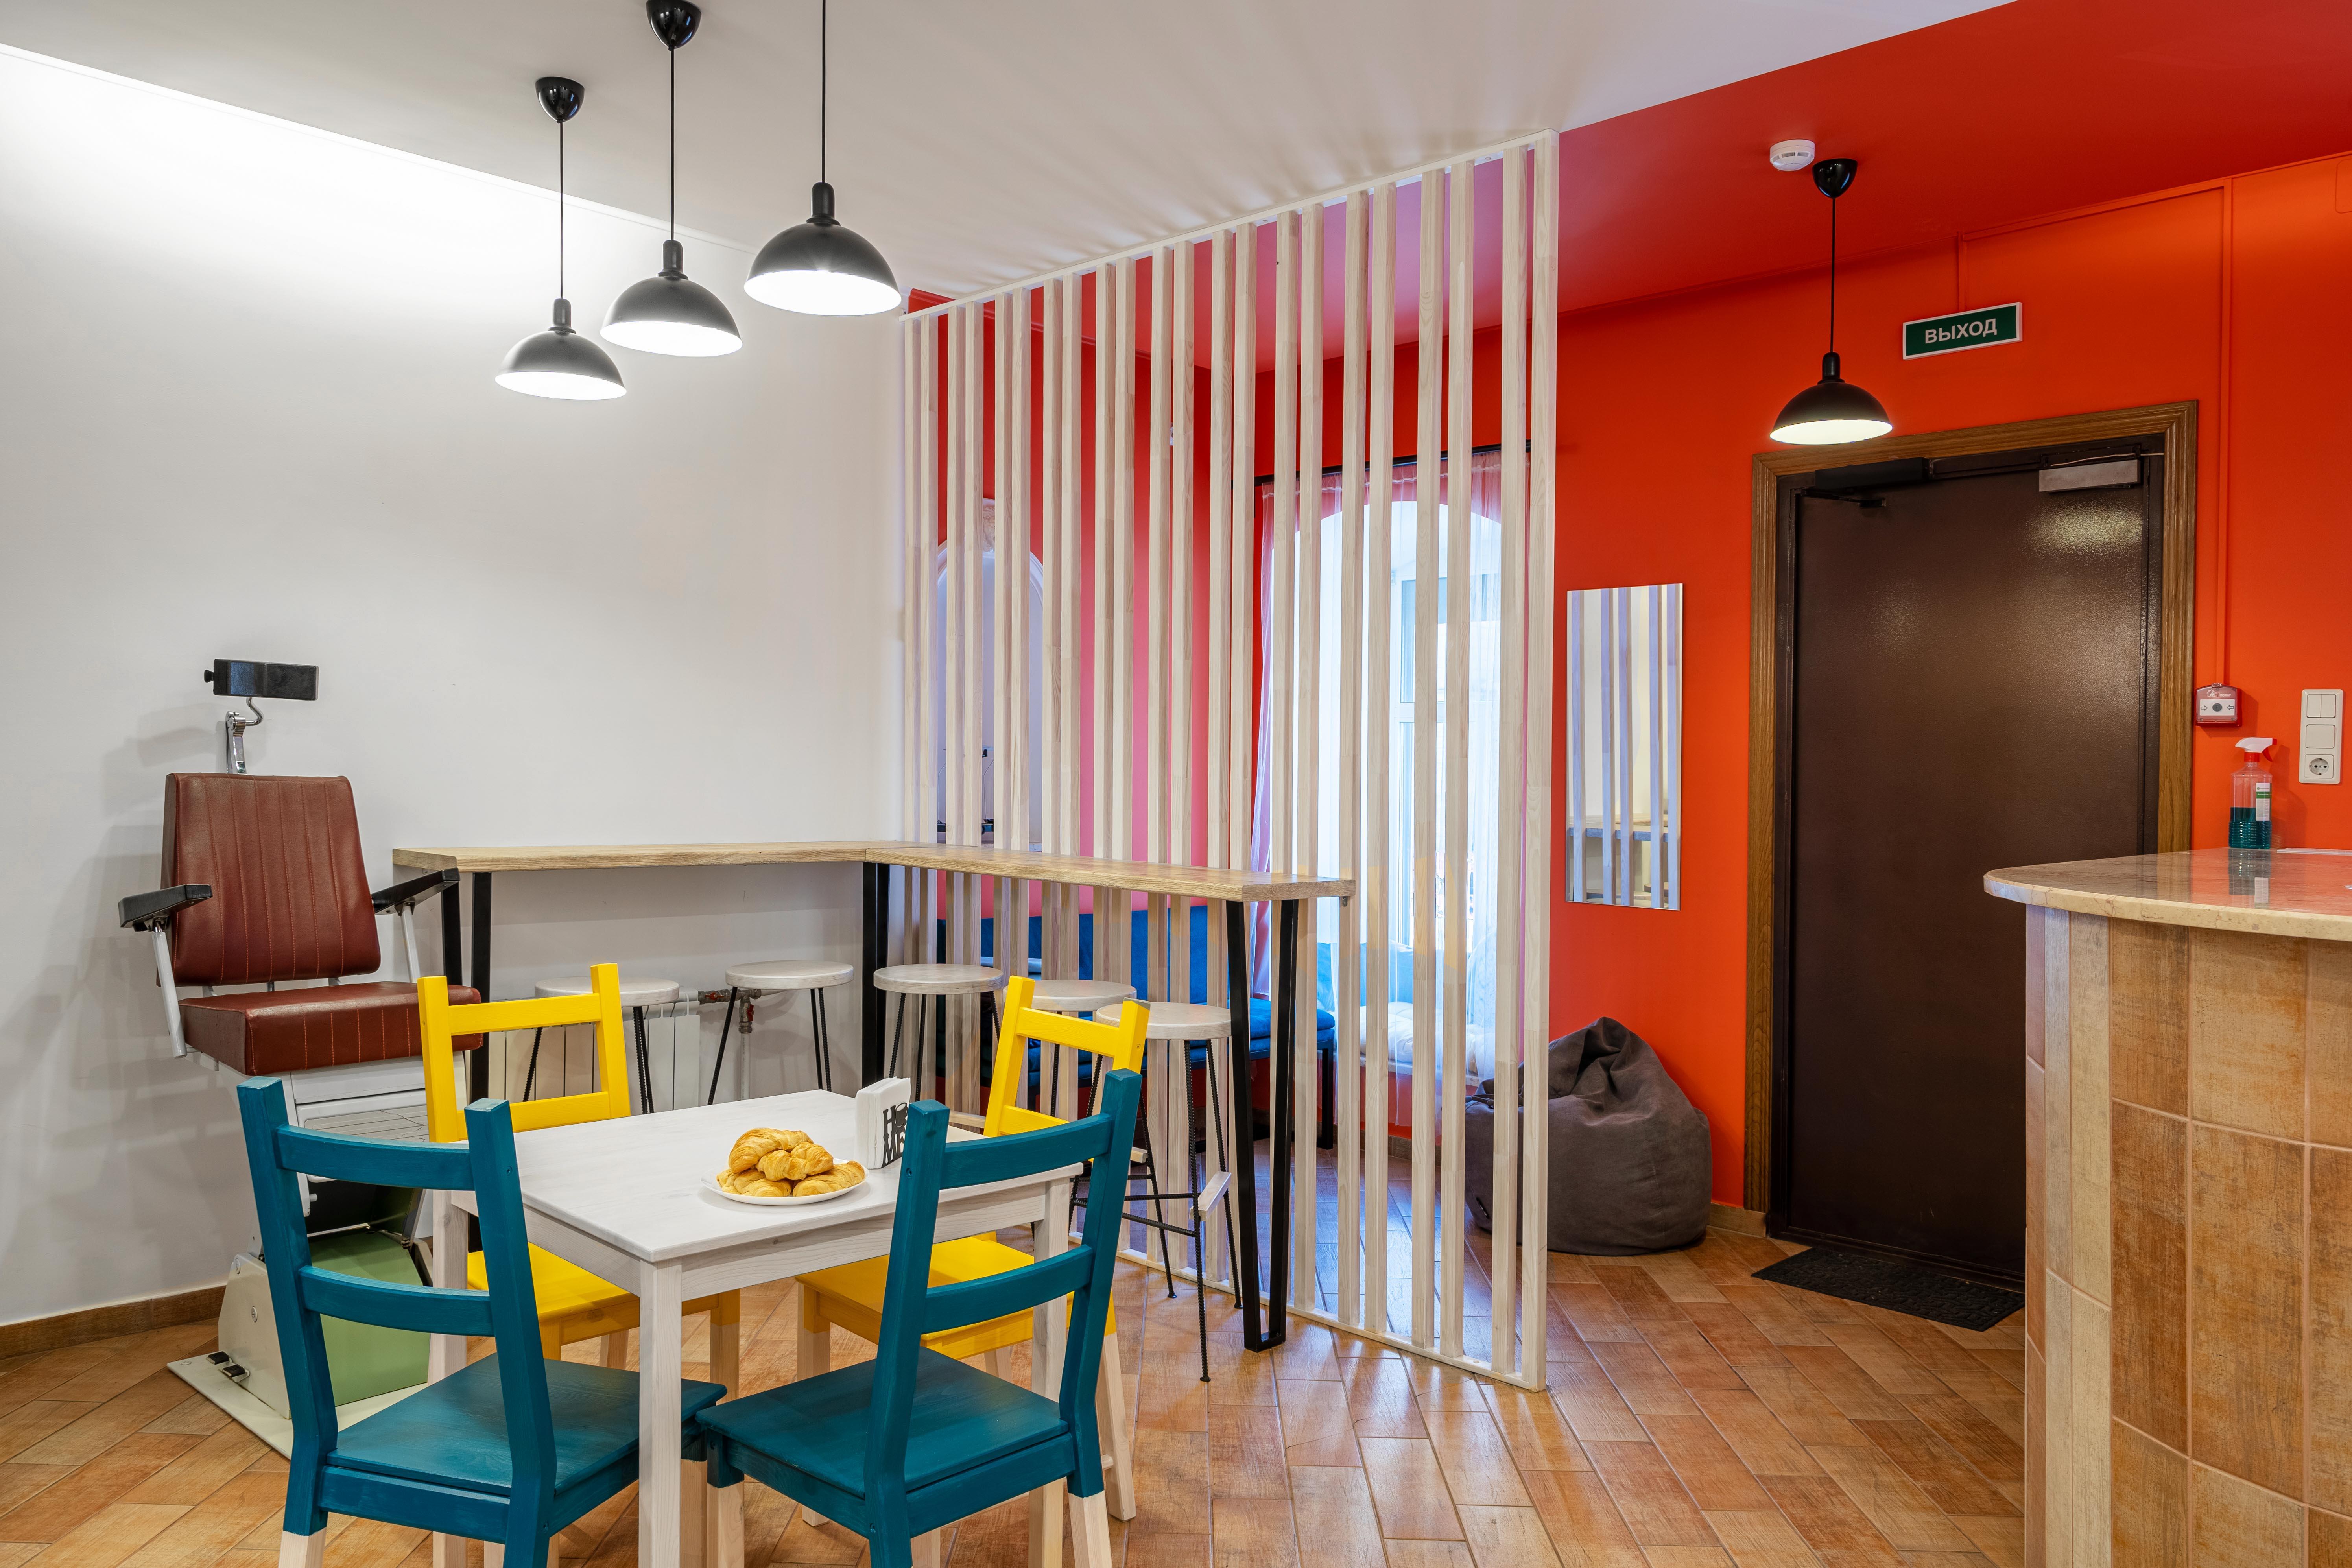 Зона столовой BookCase Hostel рассчитана на 10 посадочных мест